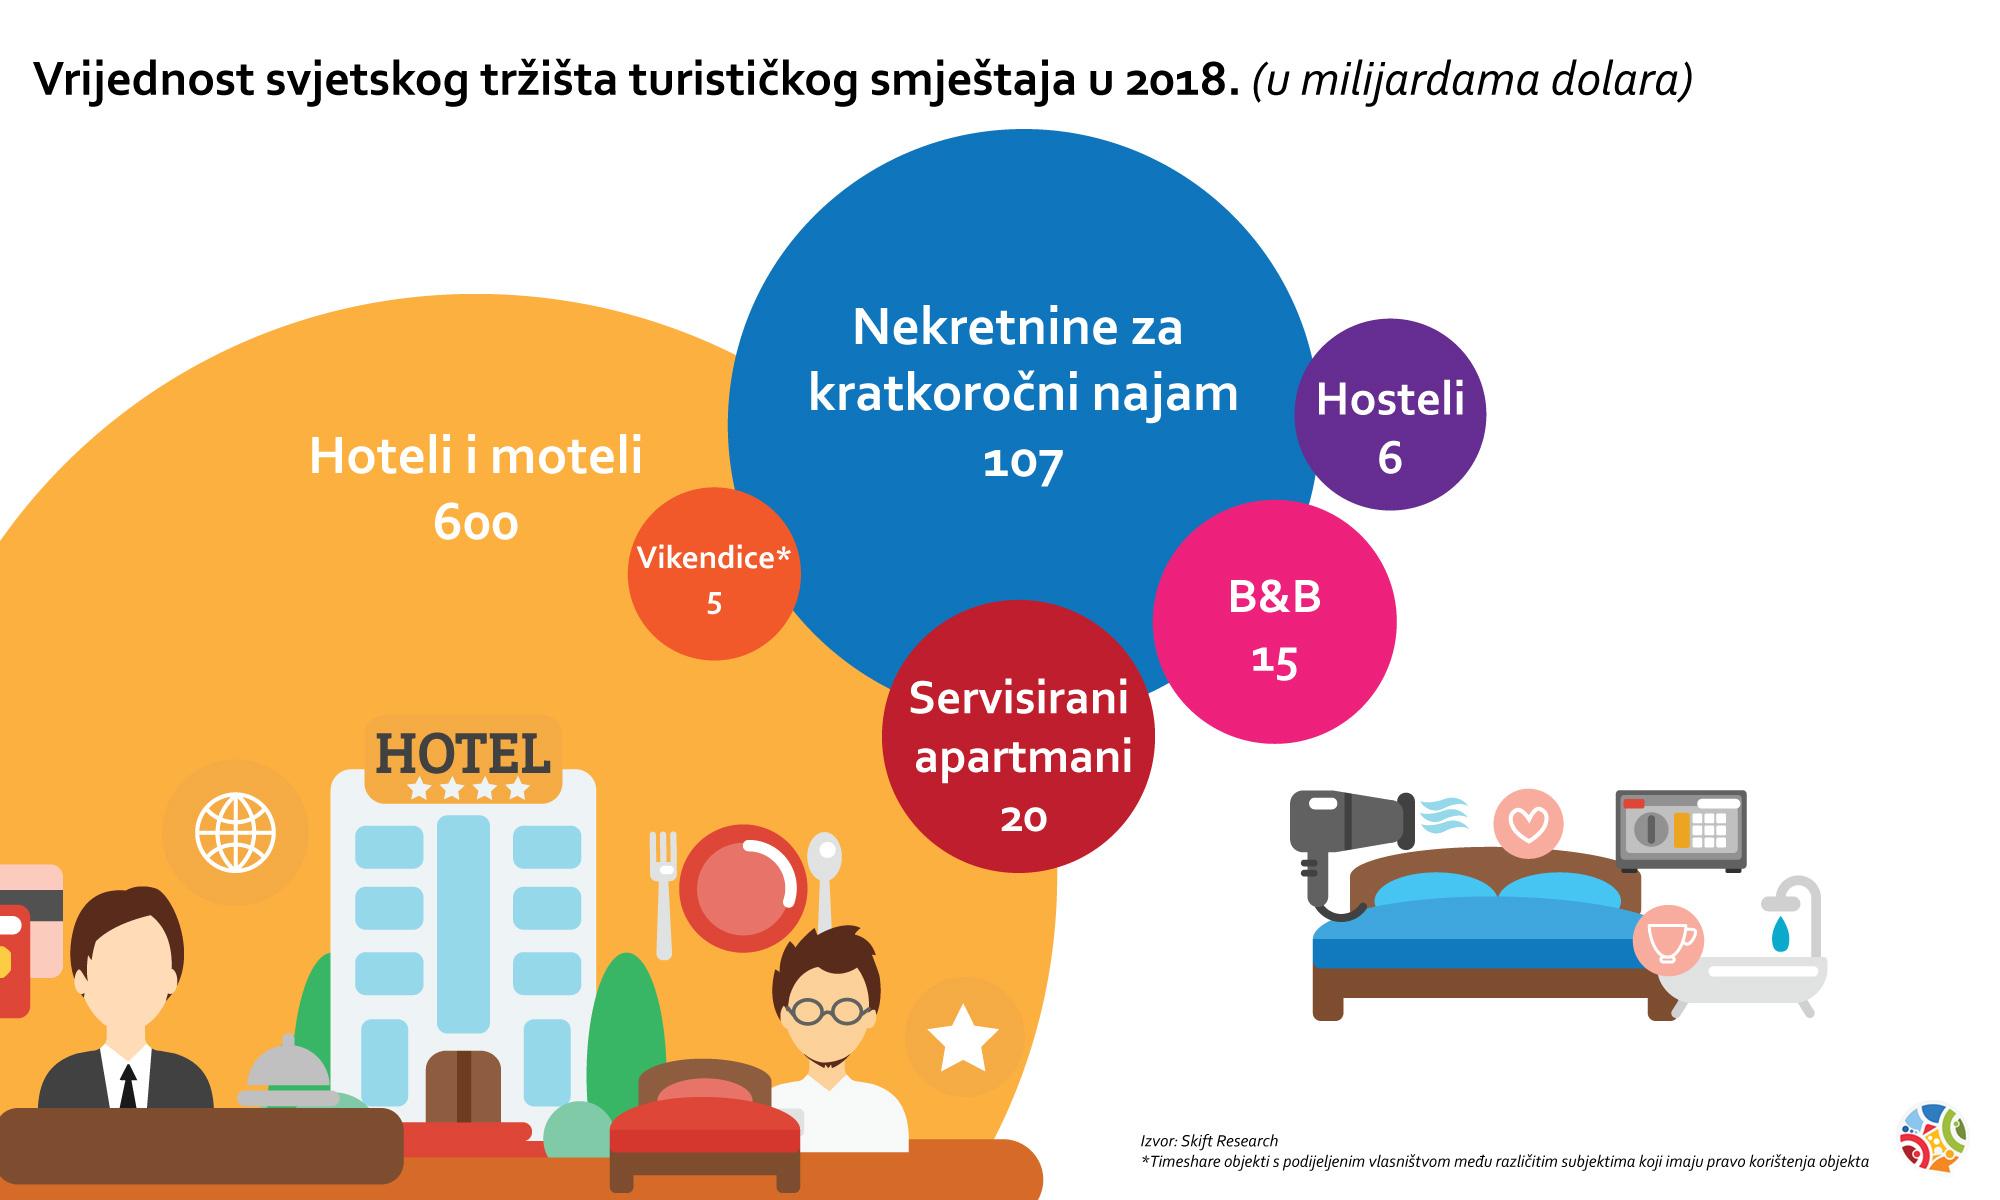 Hrvatski domaćin - Vrijednost svjetskog tržišta turističkog smještaja